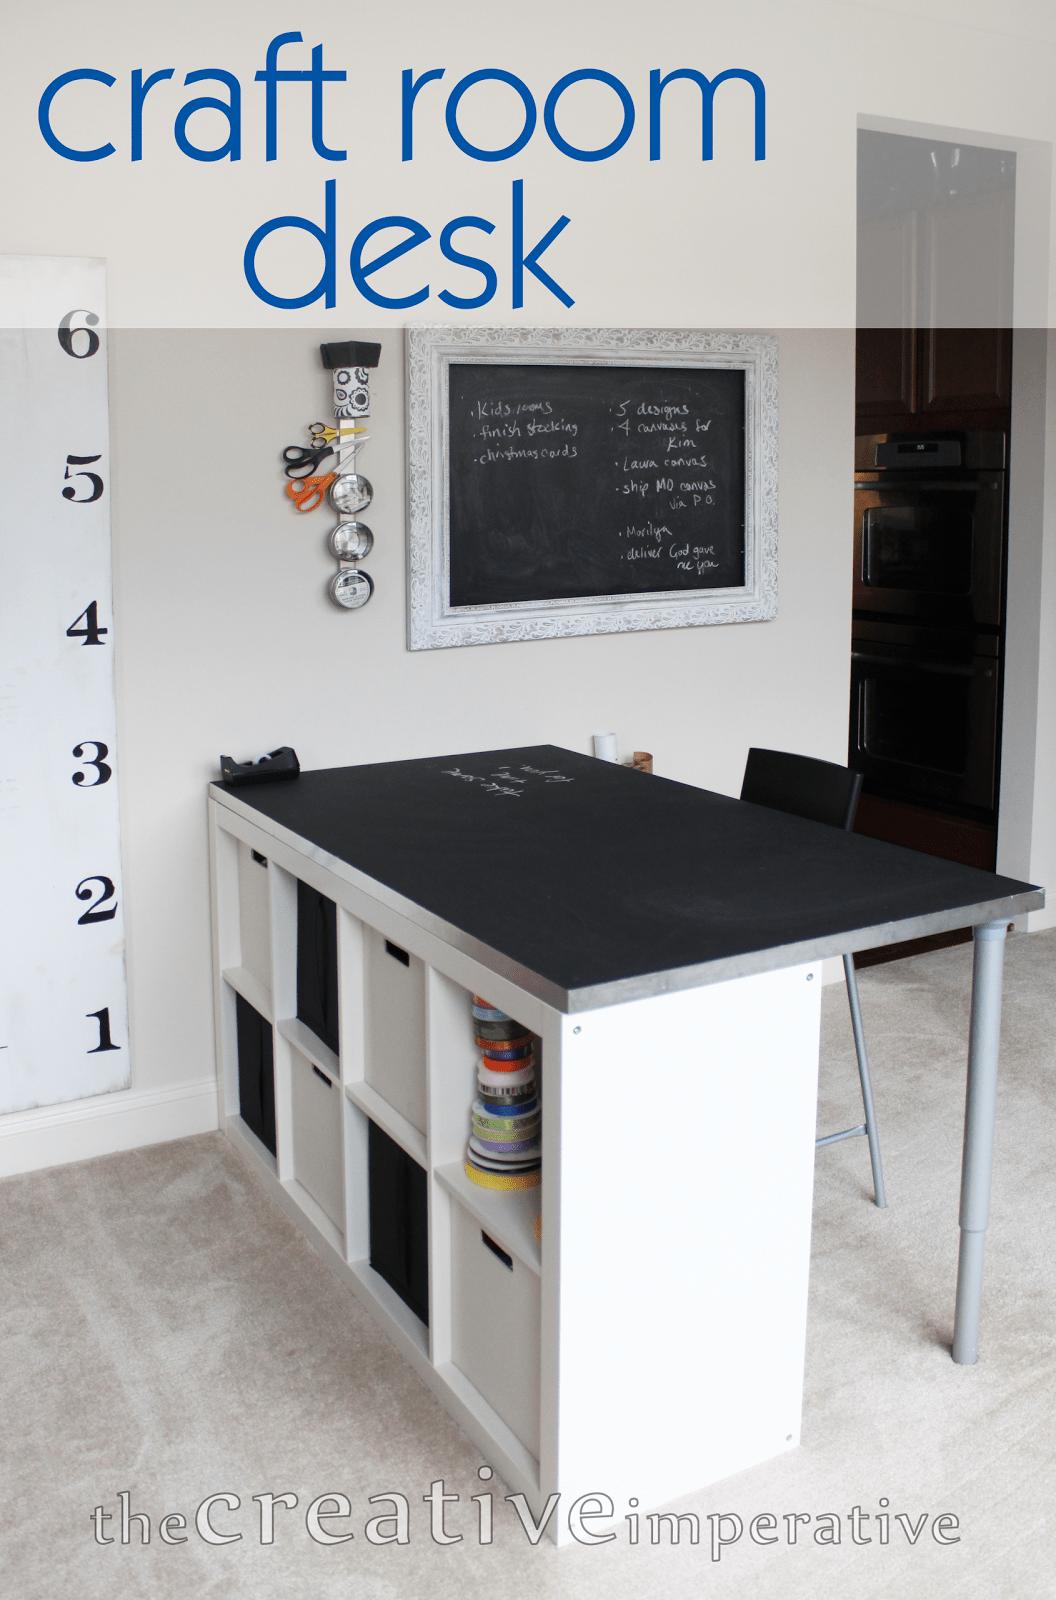 DIY craft room desk with shelves